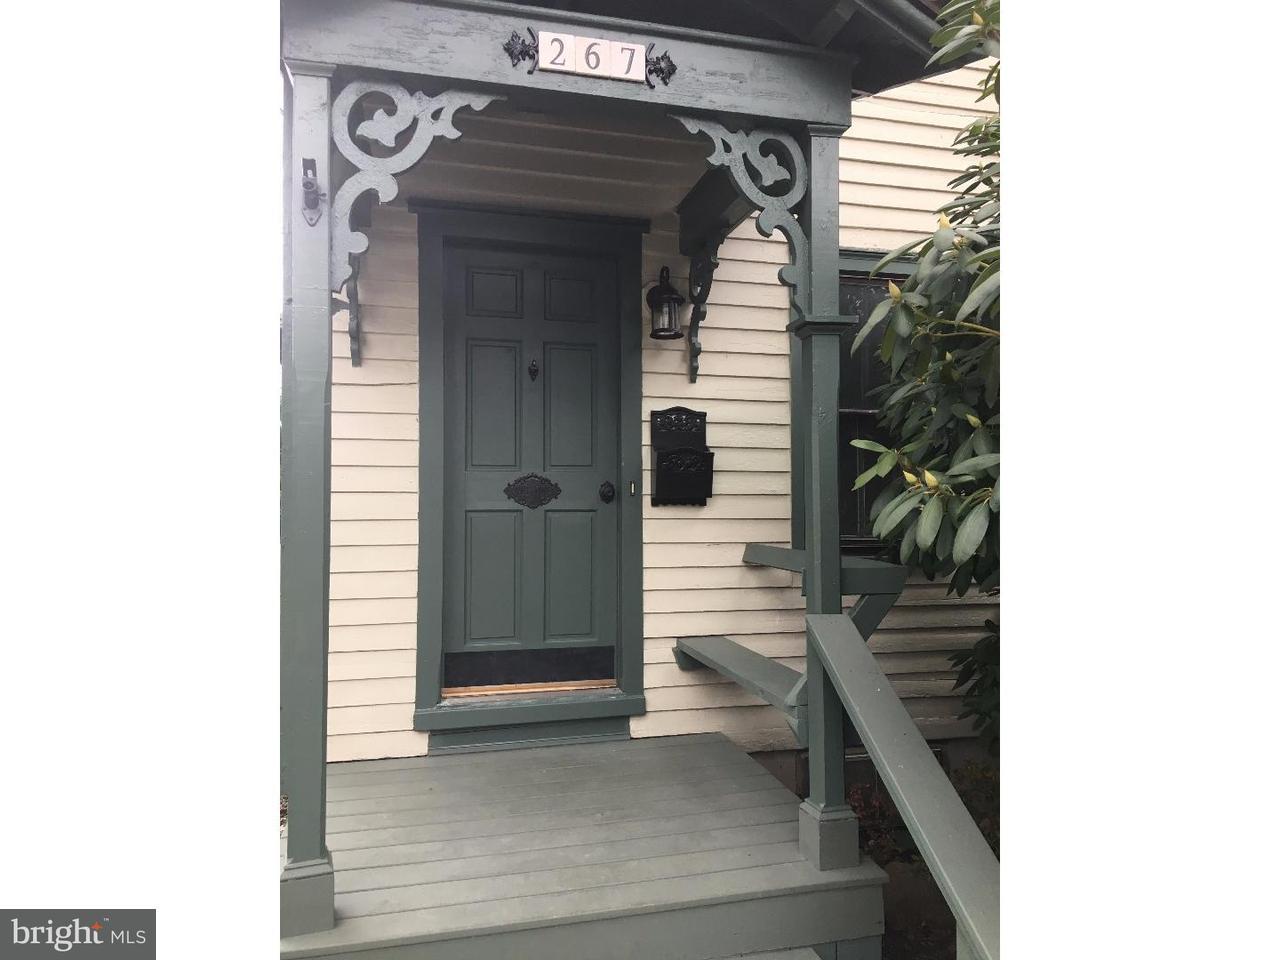 Casa unifamiliar adosada (Townhouse) por un Alquiler en 267 LAKE Street Haddonfield, Nueva Jersey 08033 Estados Unidos